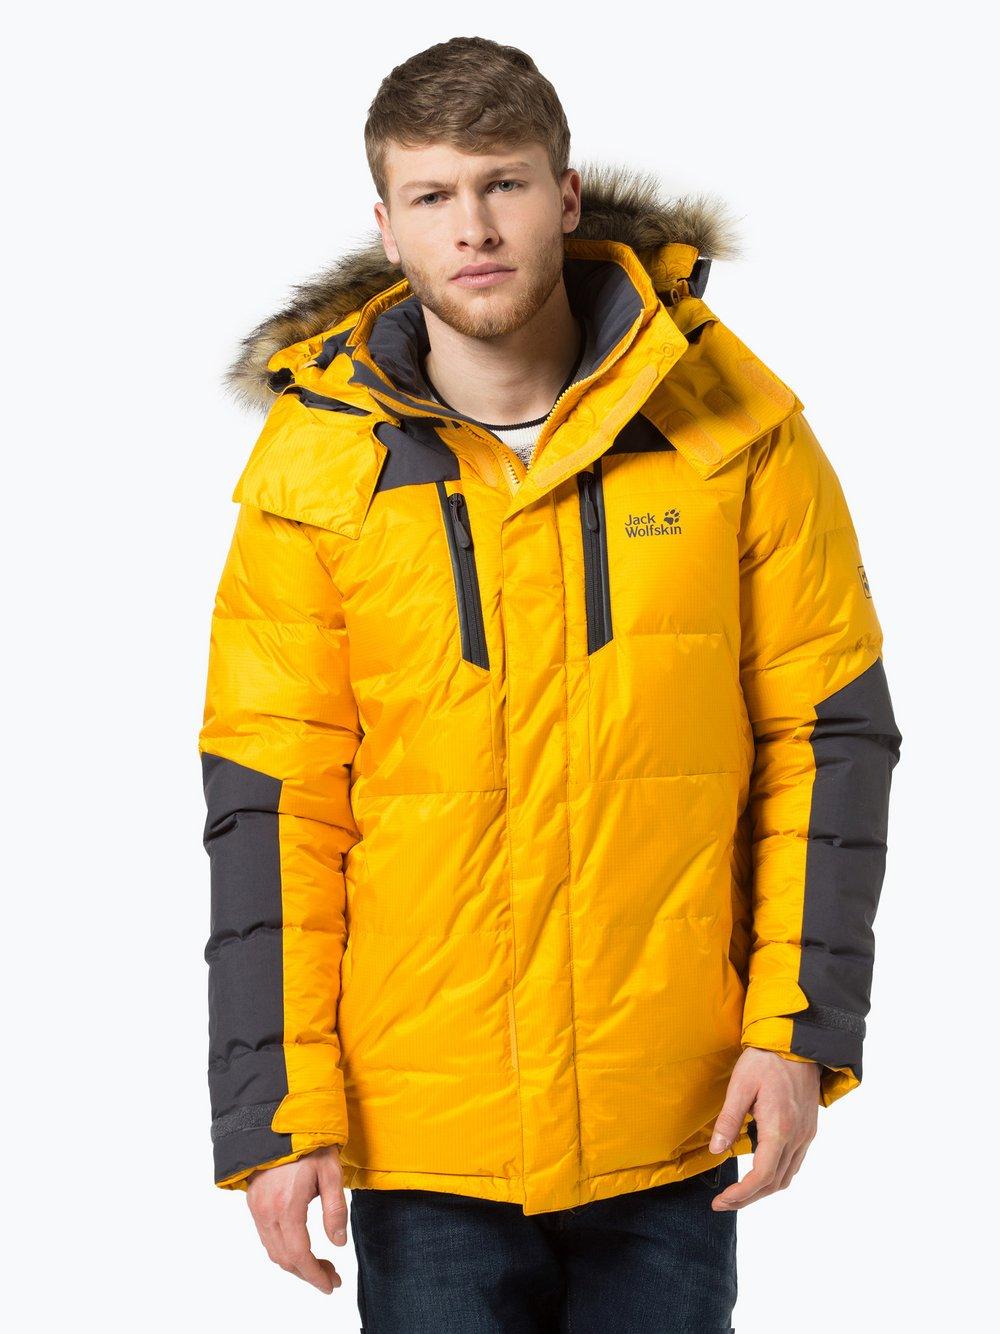 cała kolekcja sklep internetowy konkretna oferta Jack Wolfskin Męska kurtka puchowa kup online | VANGRAAF.COM